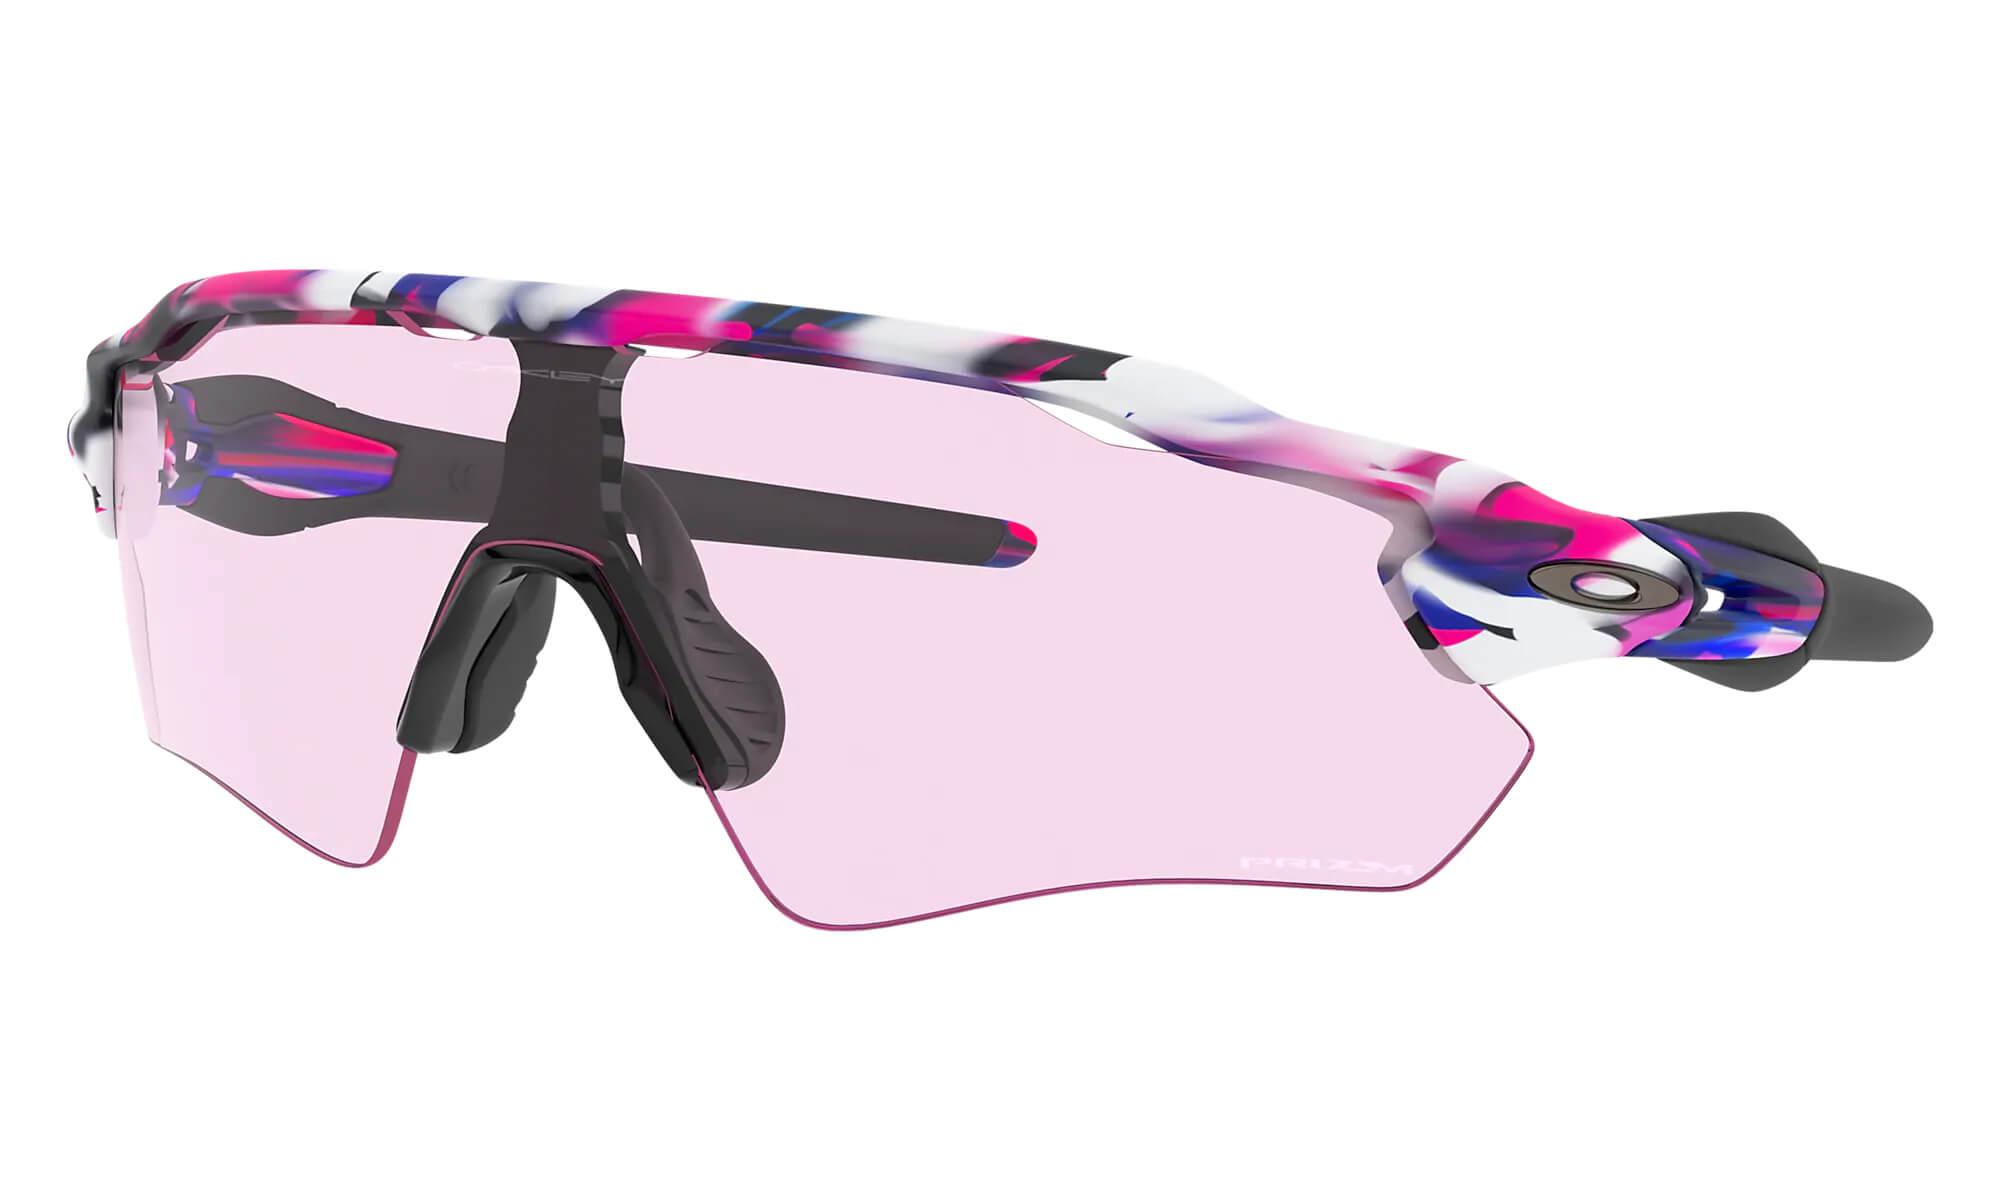 Óculos Oakley Radar Ev Path Especial Kokoro Prizm Low Light